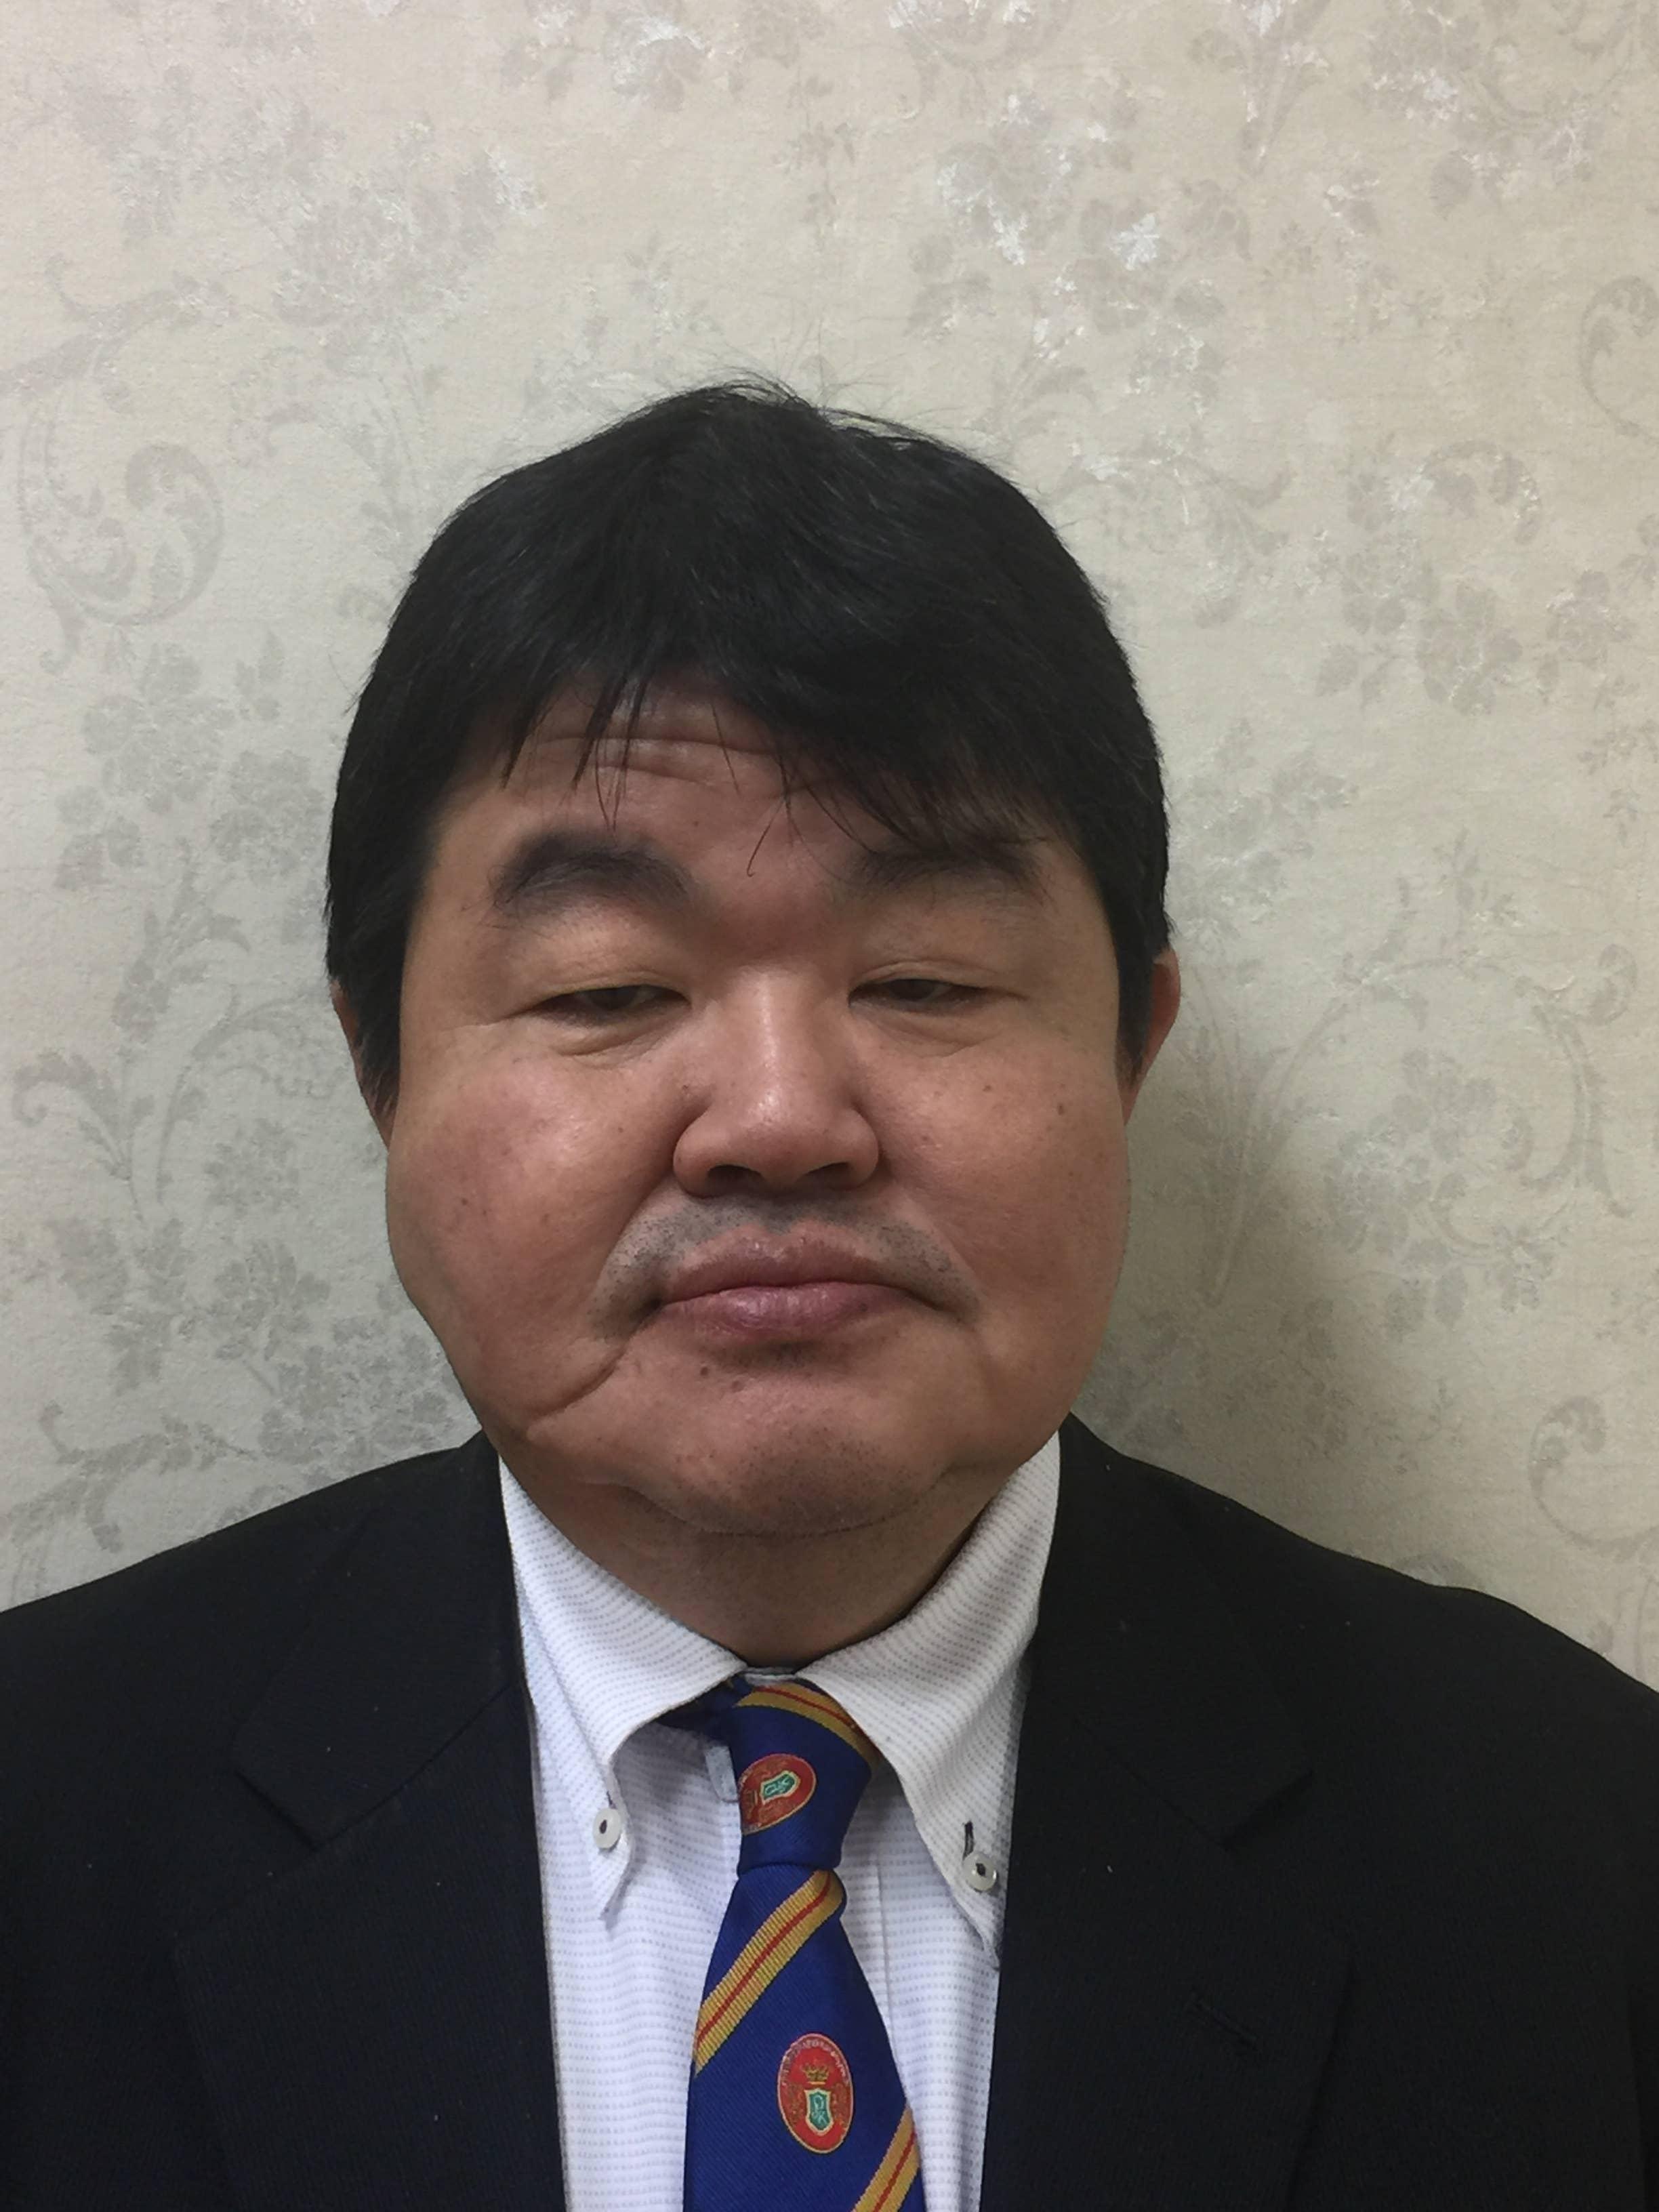 Takao Kajiwara